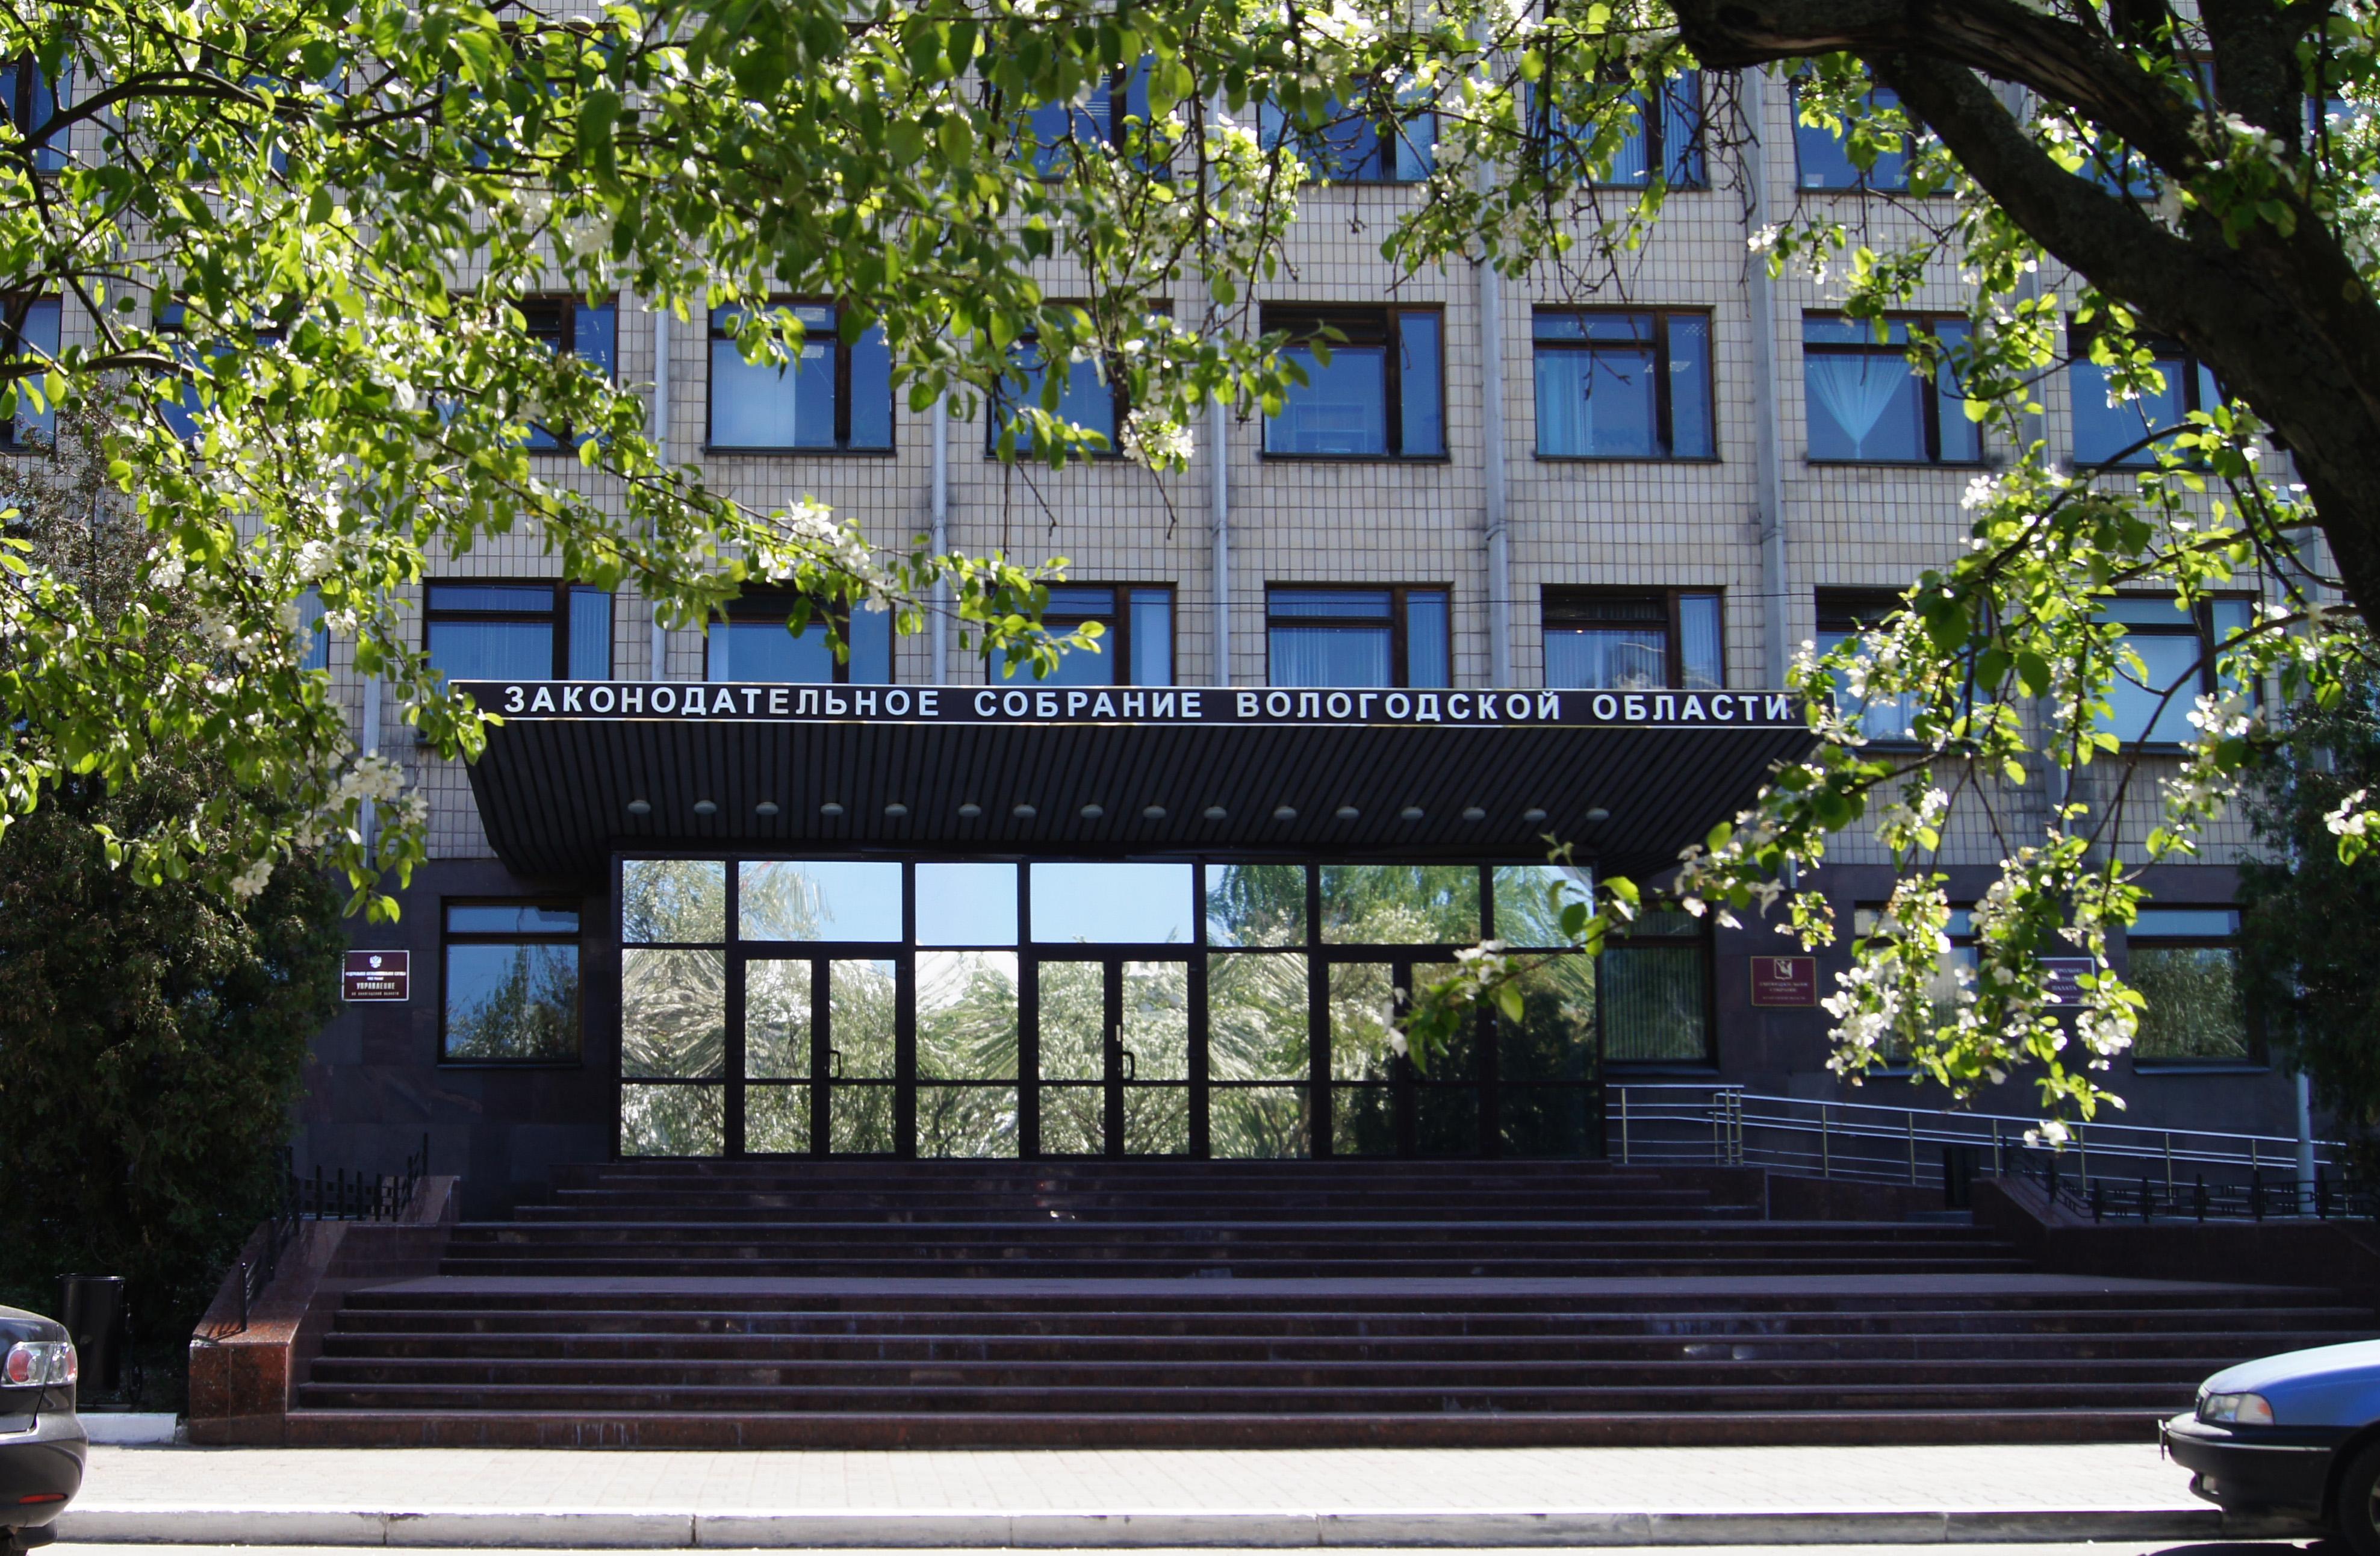 Депутатам вологодского ЗСО, работающим на непостоянной основе, теперь будут предоставлять служебные квартиры